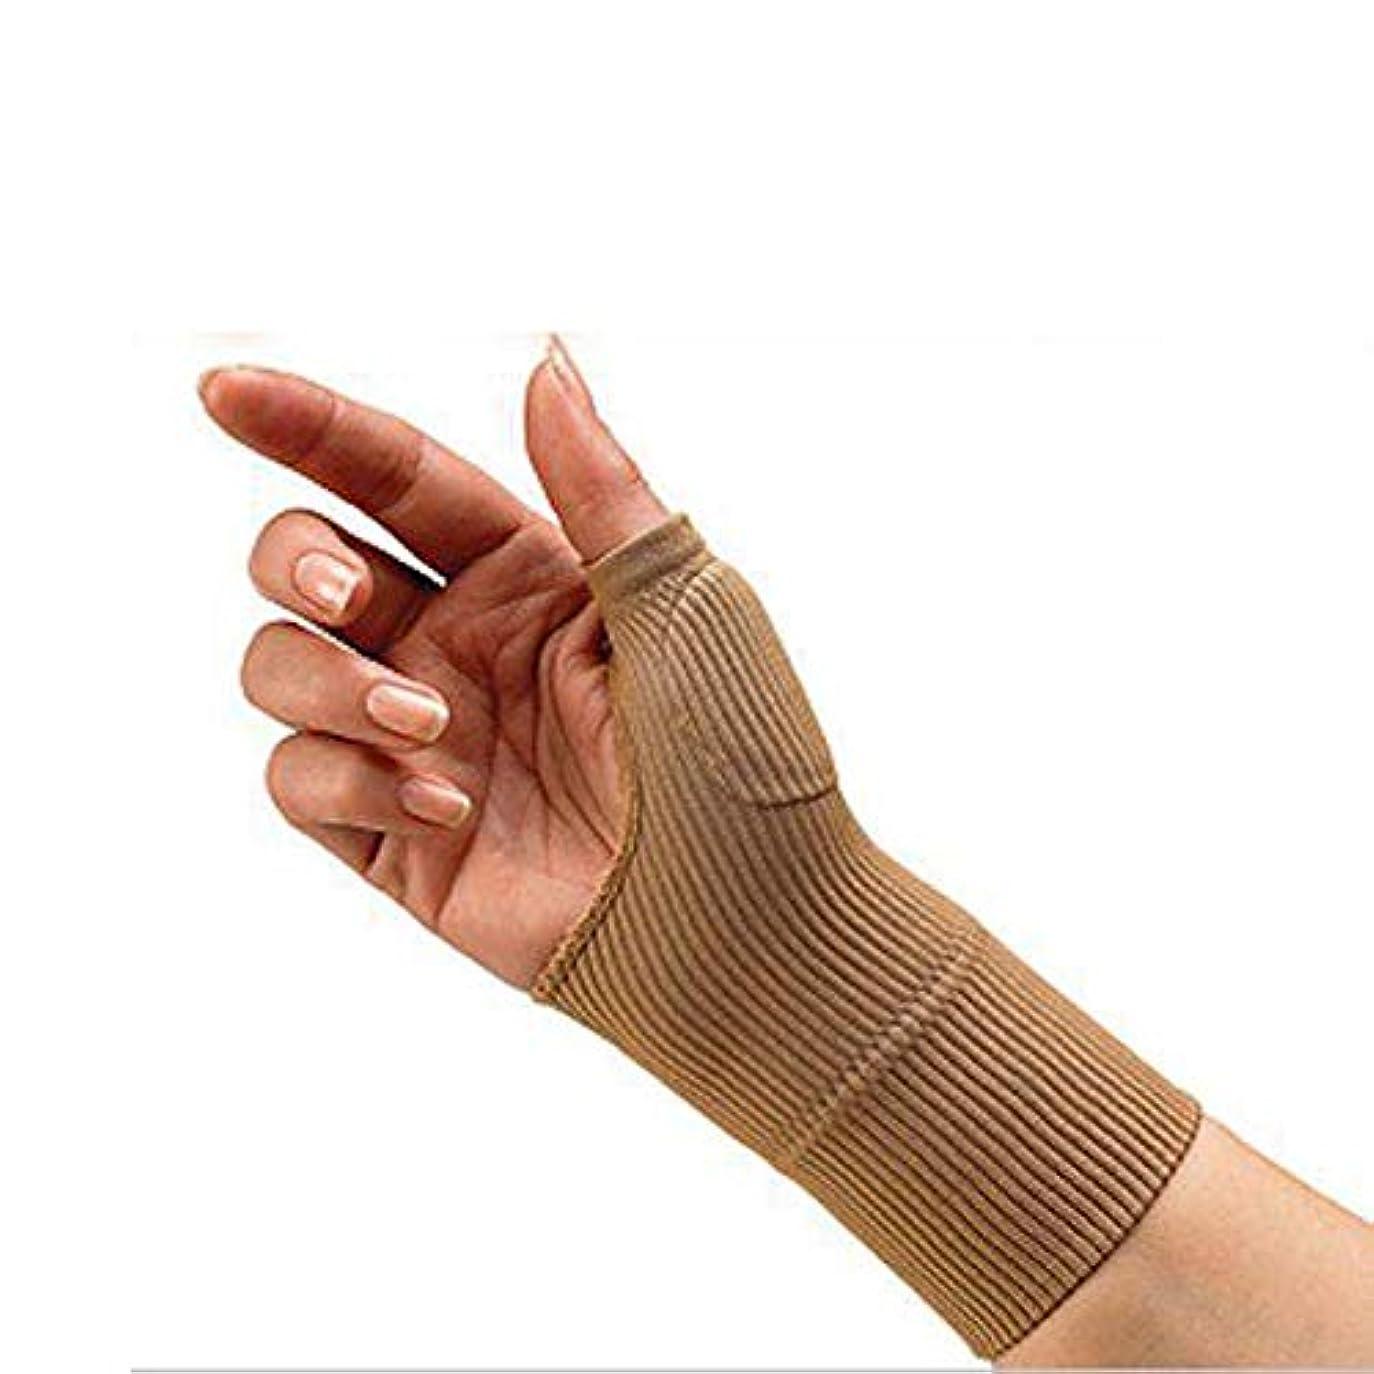 放散する体細胞宿泊施設男性の女性のためのソリッド手首ブレース手根管サポートハンドブレース手首のサポート包帯バンドベルトアウトドア手根管ハンドブレース